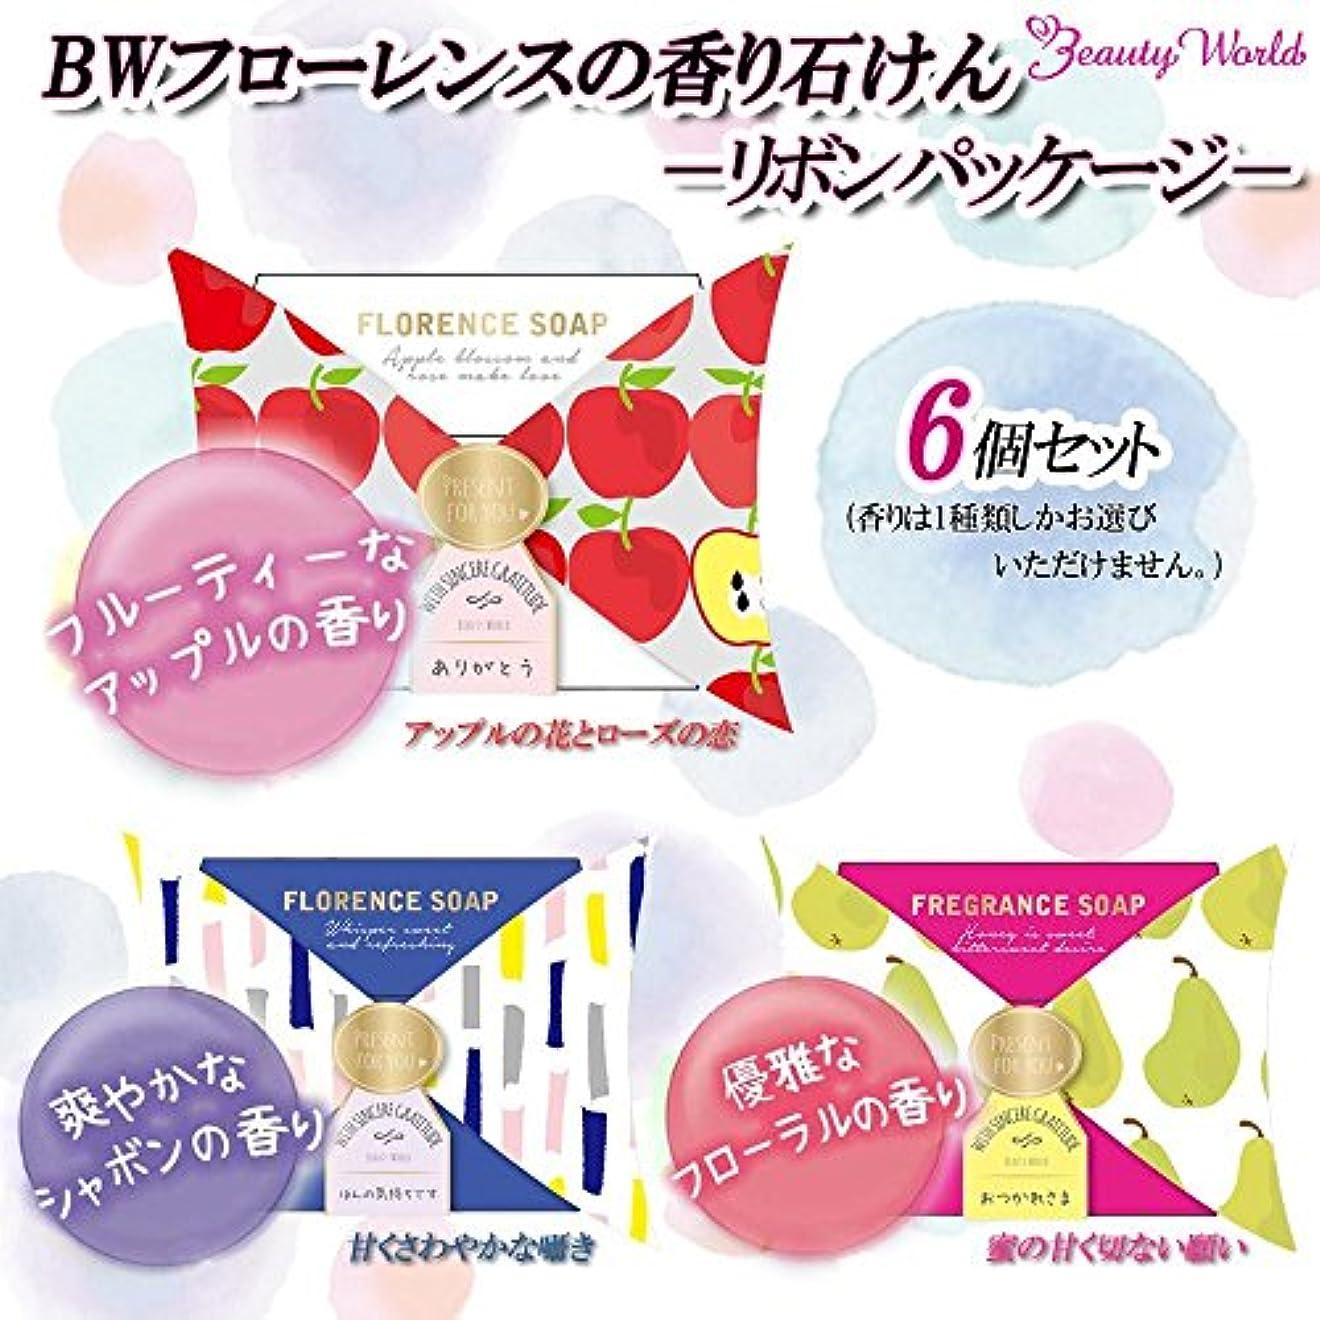 下にもかかわらず一生ビューティーワールド BWフローレンスの香り石けん リボンパッケージ 6個セット ■3種類の内「FSP385?甘くさわやかな囁き」を1点のみです